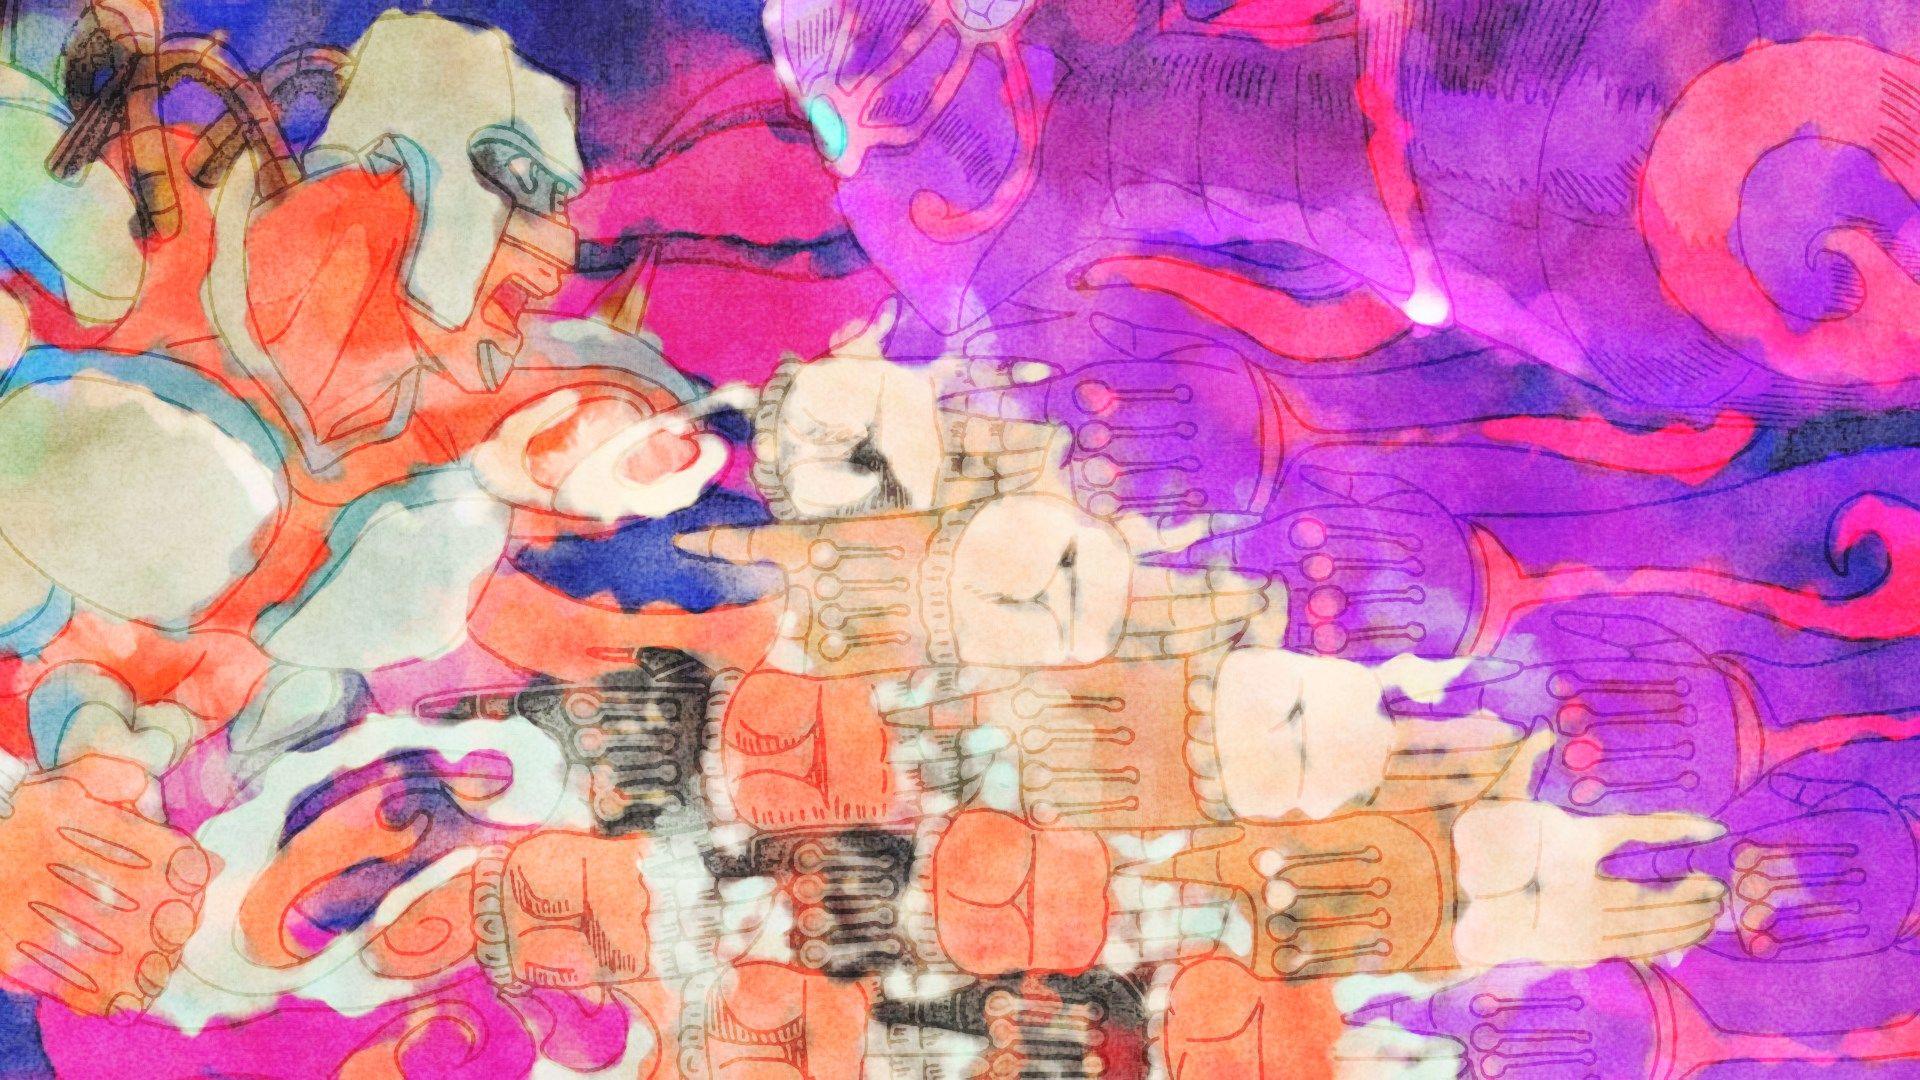 Most Inspiring Wallpaper High Resolution Painting - 8a6cffd98e31a75440e82f5b02002059  Snapshot_585819.jpg